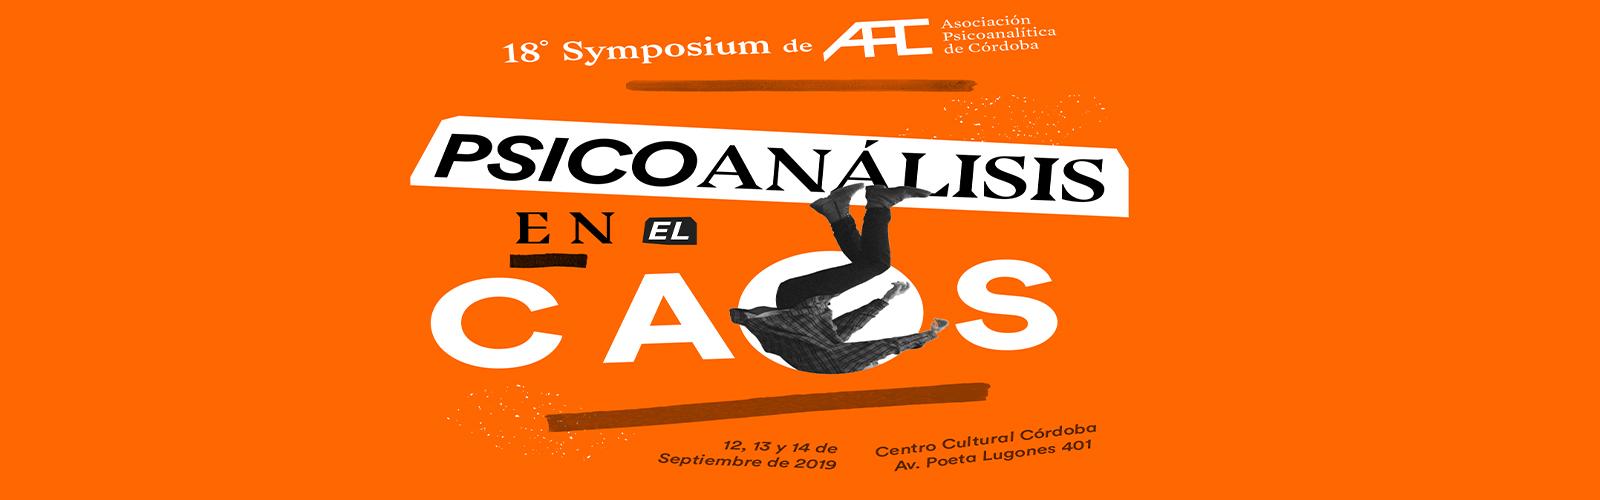 18 Symposium de AFC Psicoanalisis en el caos